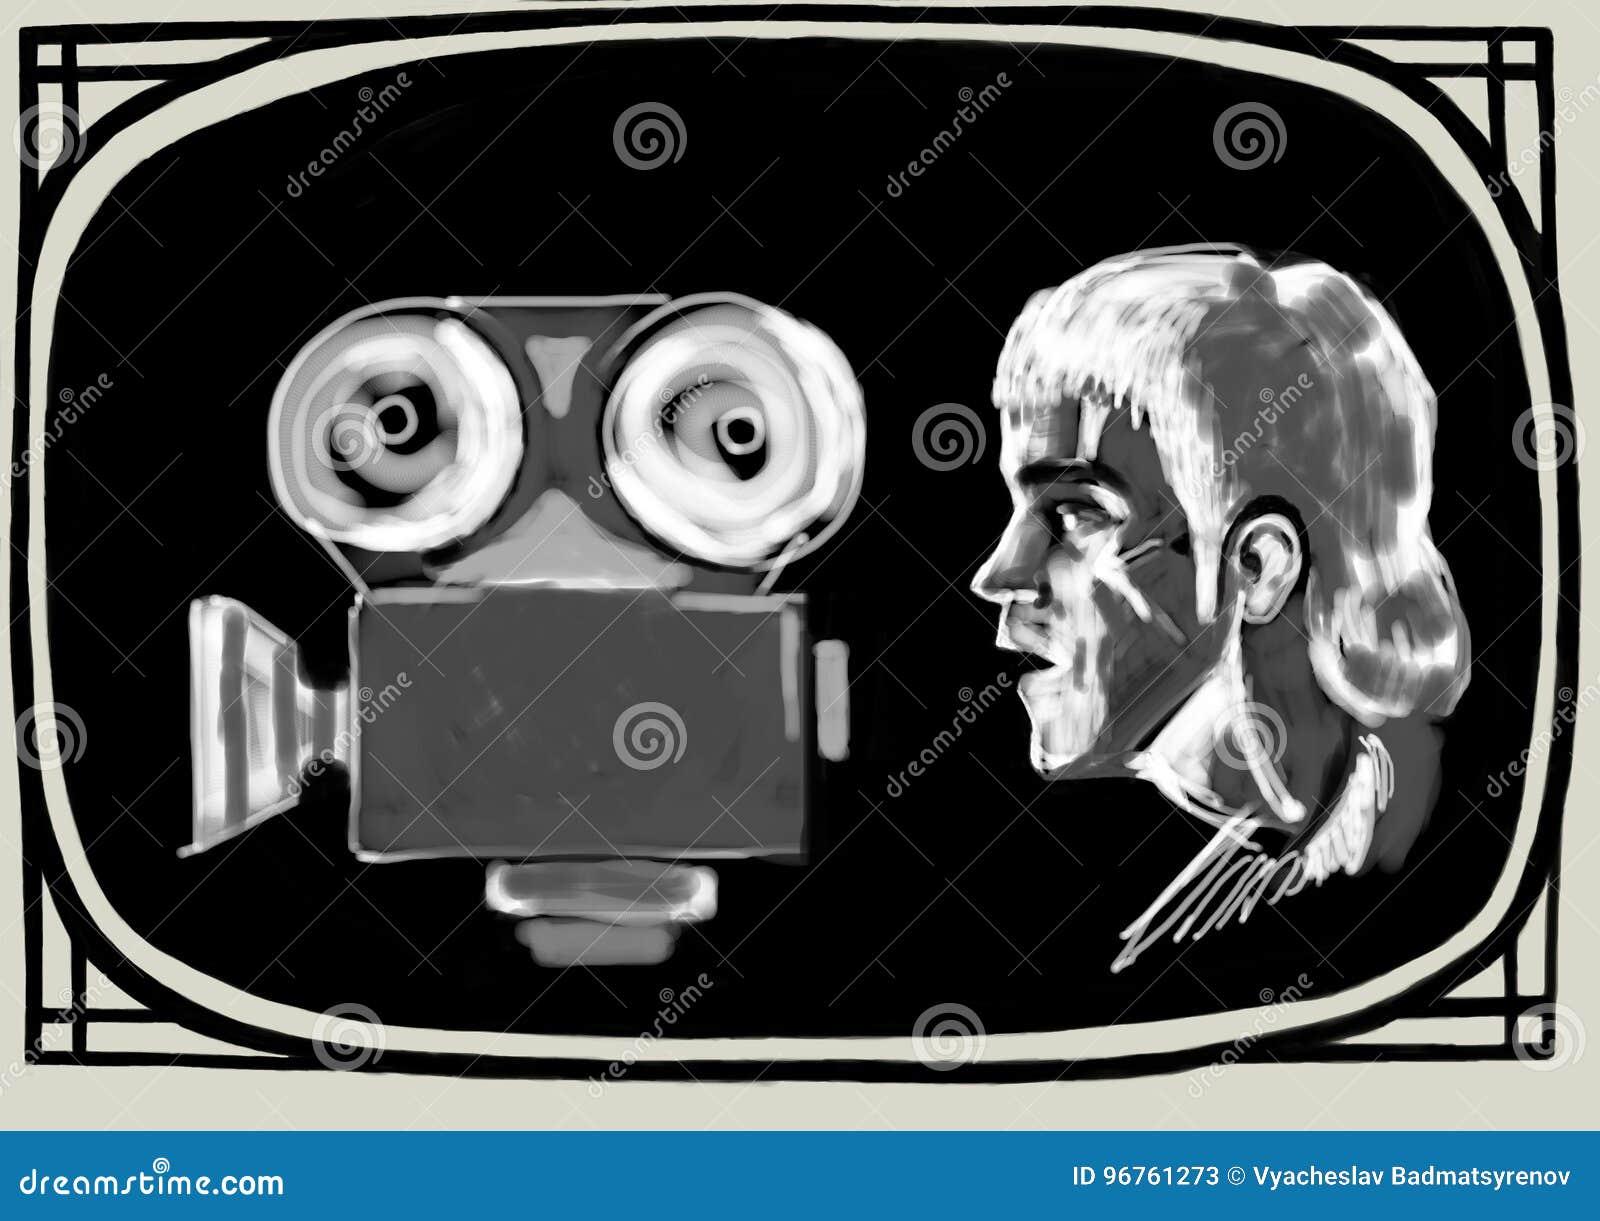 Bruce Lee untersucht die Filmkamera